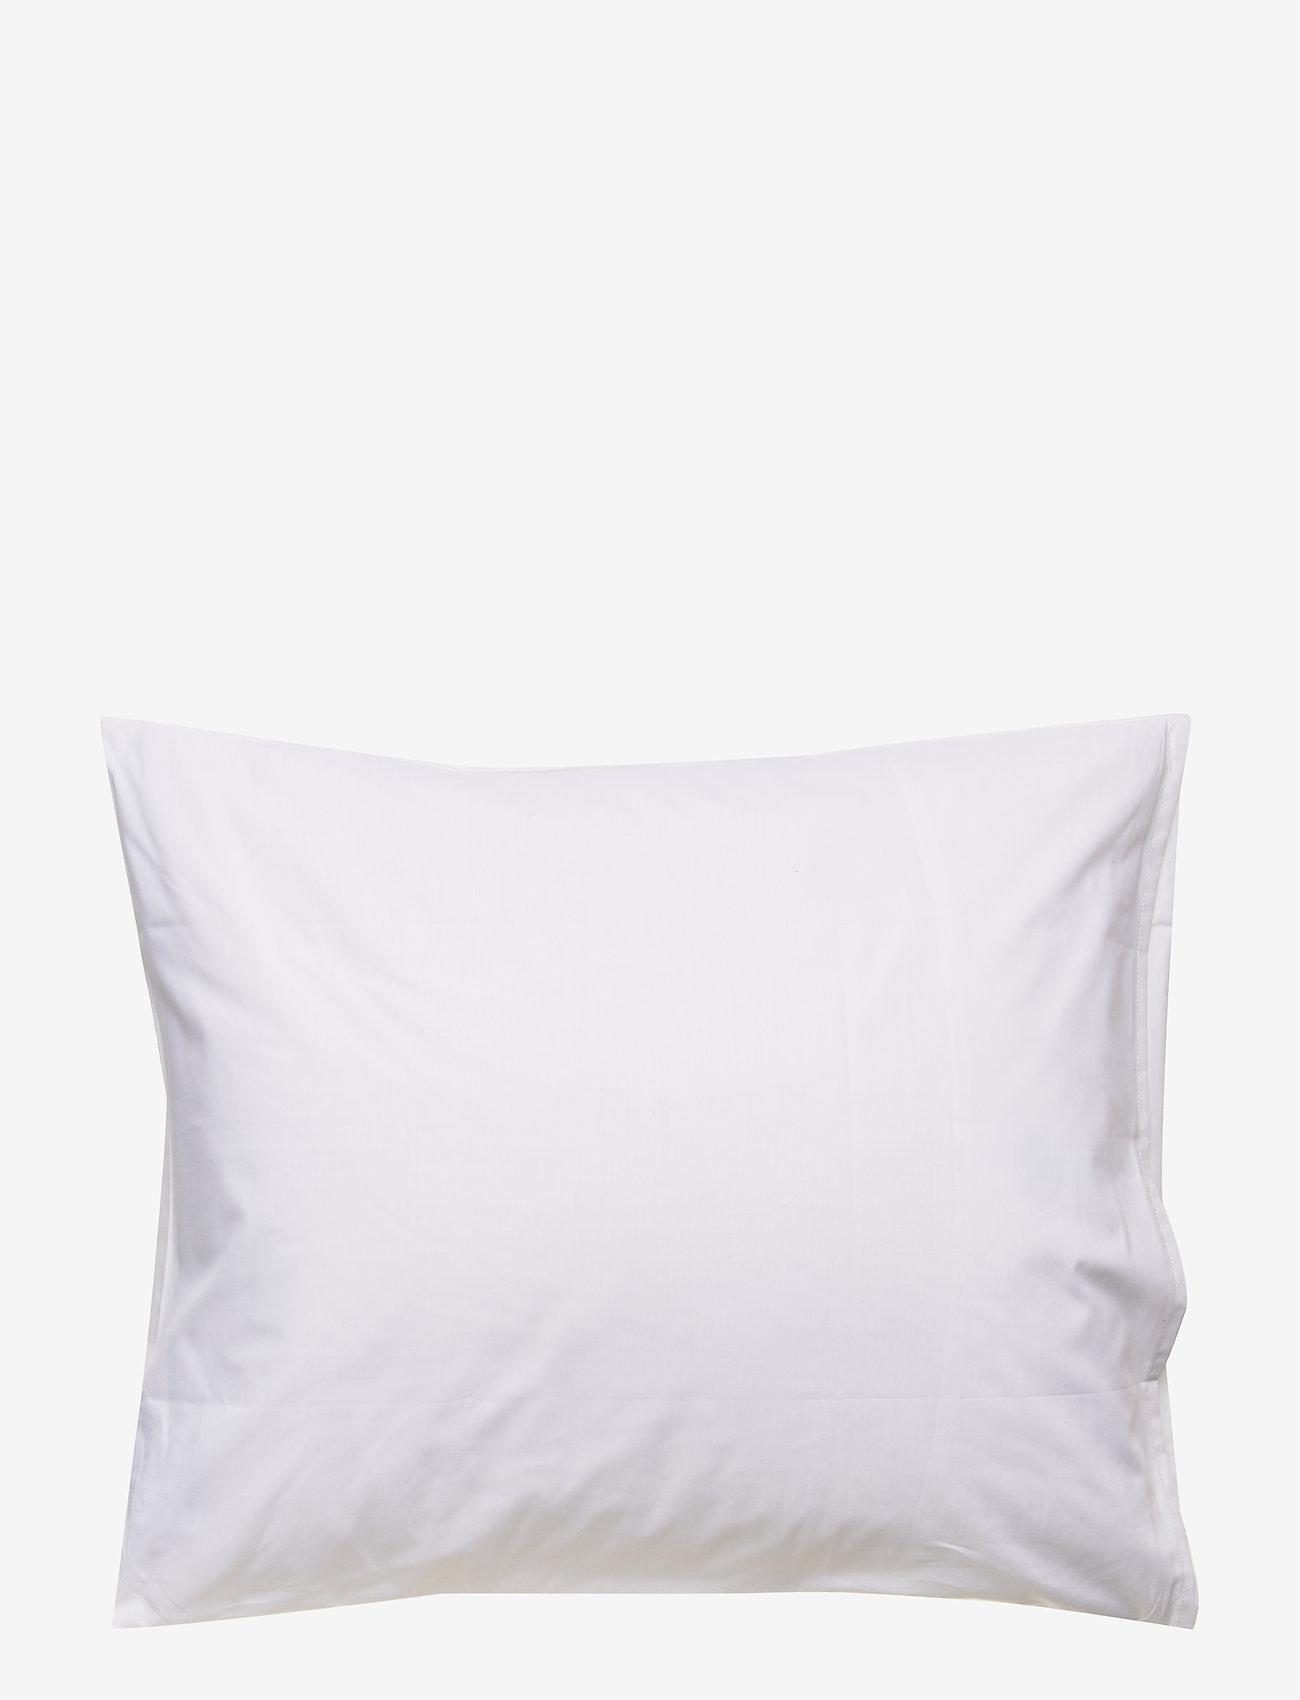 Printed Cotton Poplin Pillowcase (White) (49 €) - Lexington Home UejHcxjt